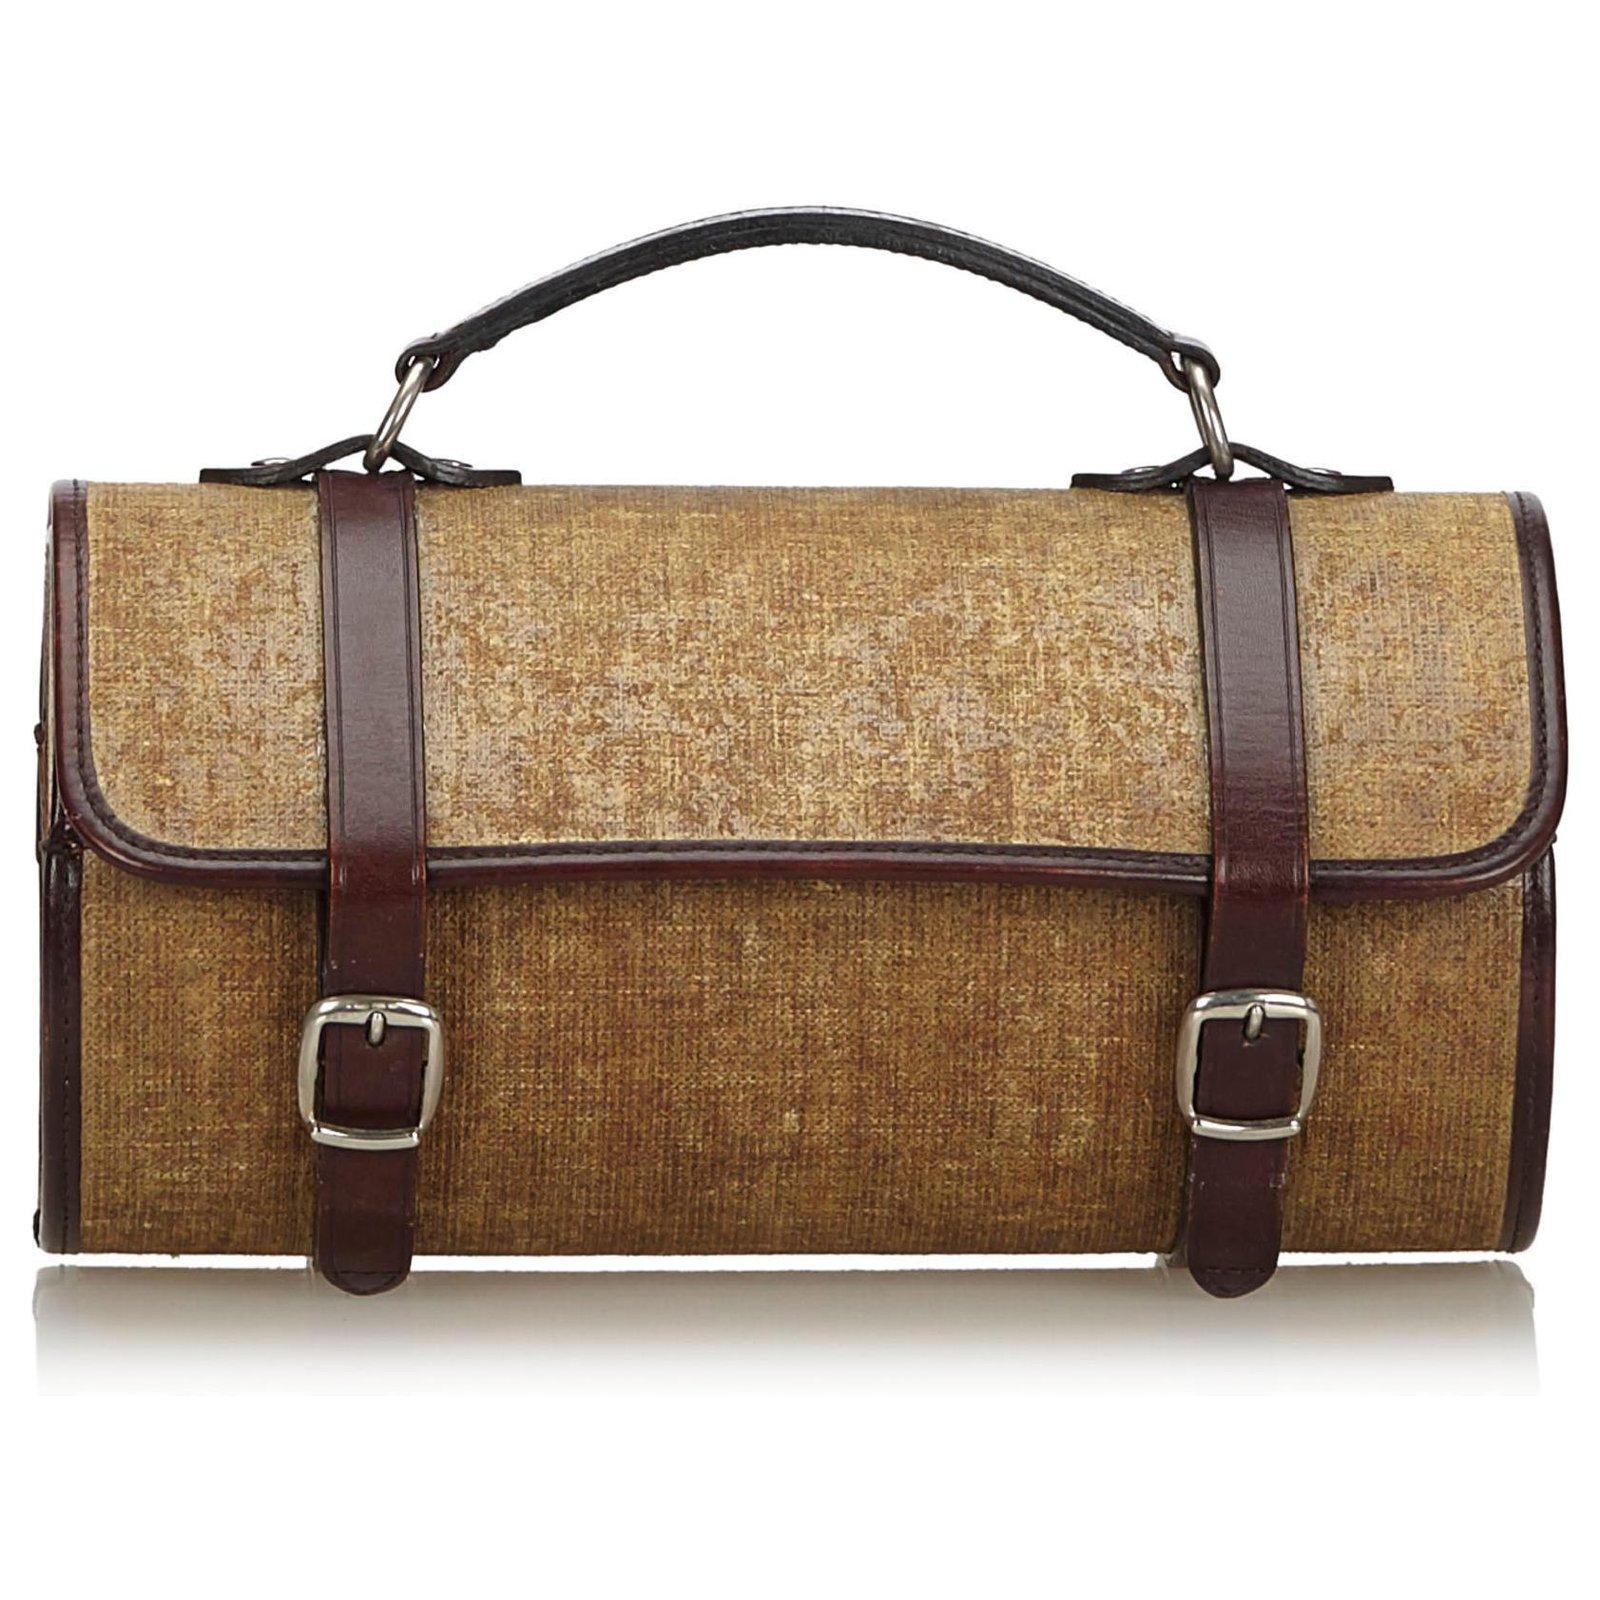 Chanel Brown Fabric Handbag